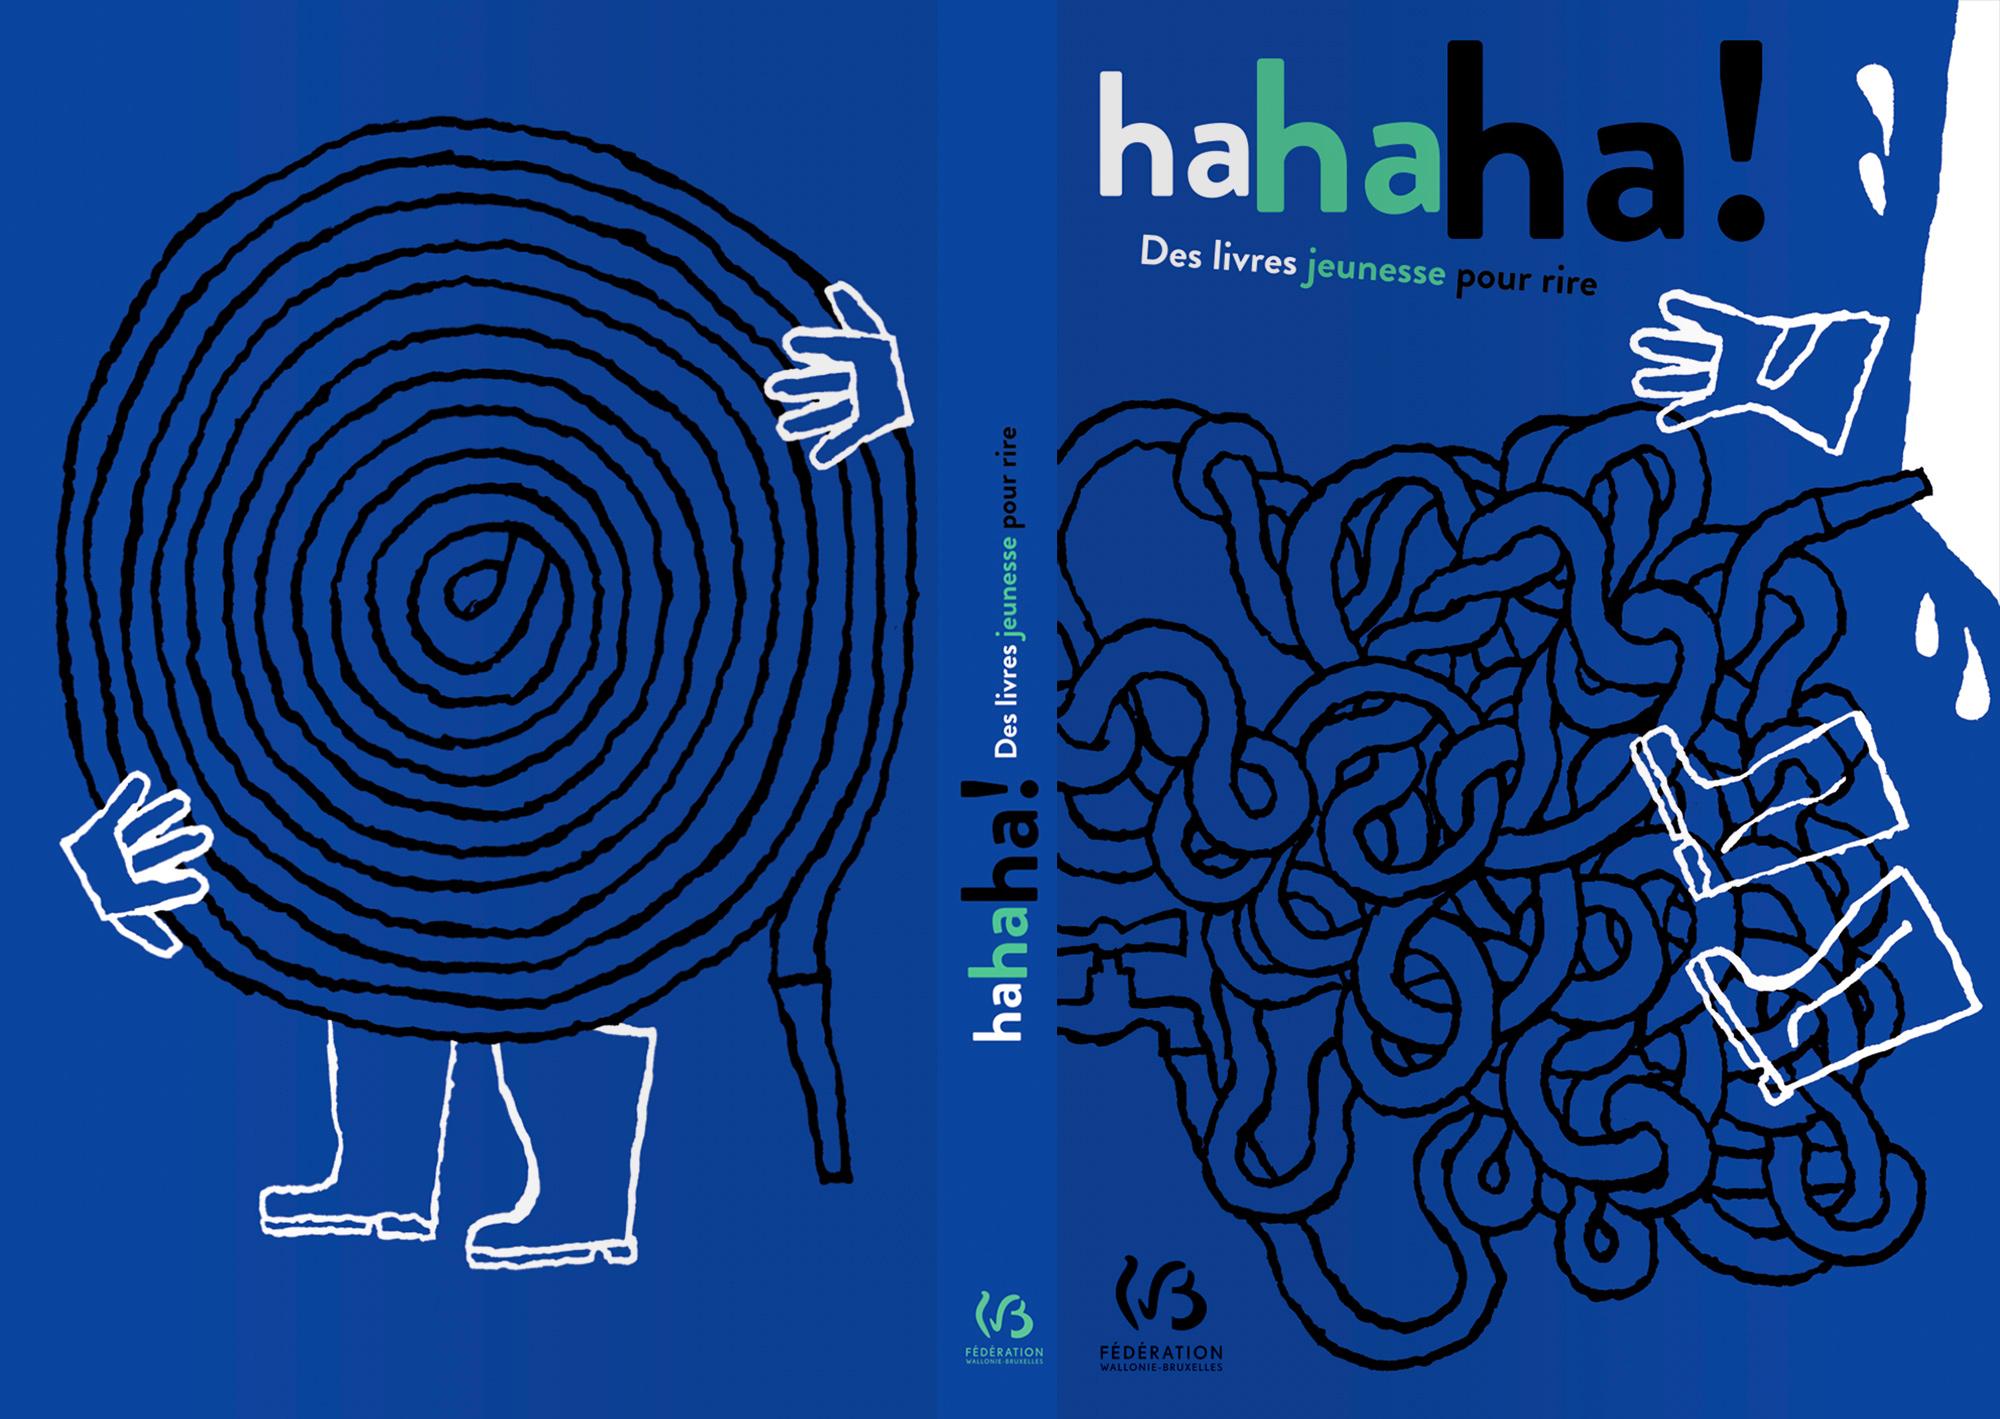 Loïc Gaume illustrateur auteur graphiste belgique bruxelles «L'humour dans la littérature jeunesse» Couverture et illustrations intérieures de la revue «Ha,ha,ha!» de la Commission de Sélection de livres jeunesse consacrée à l'humour.